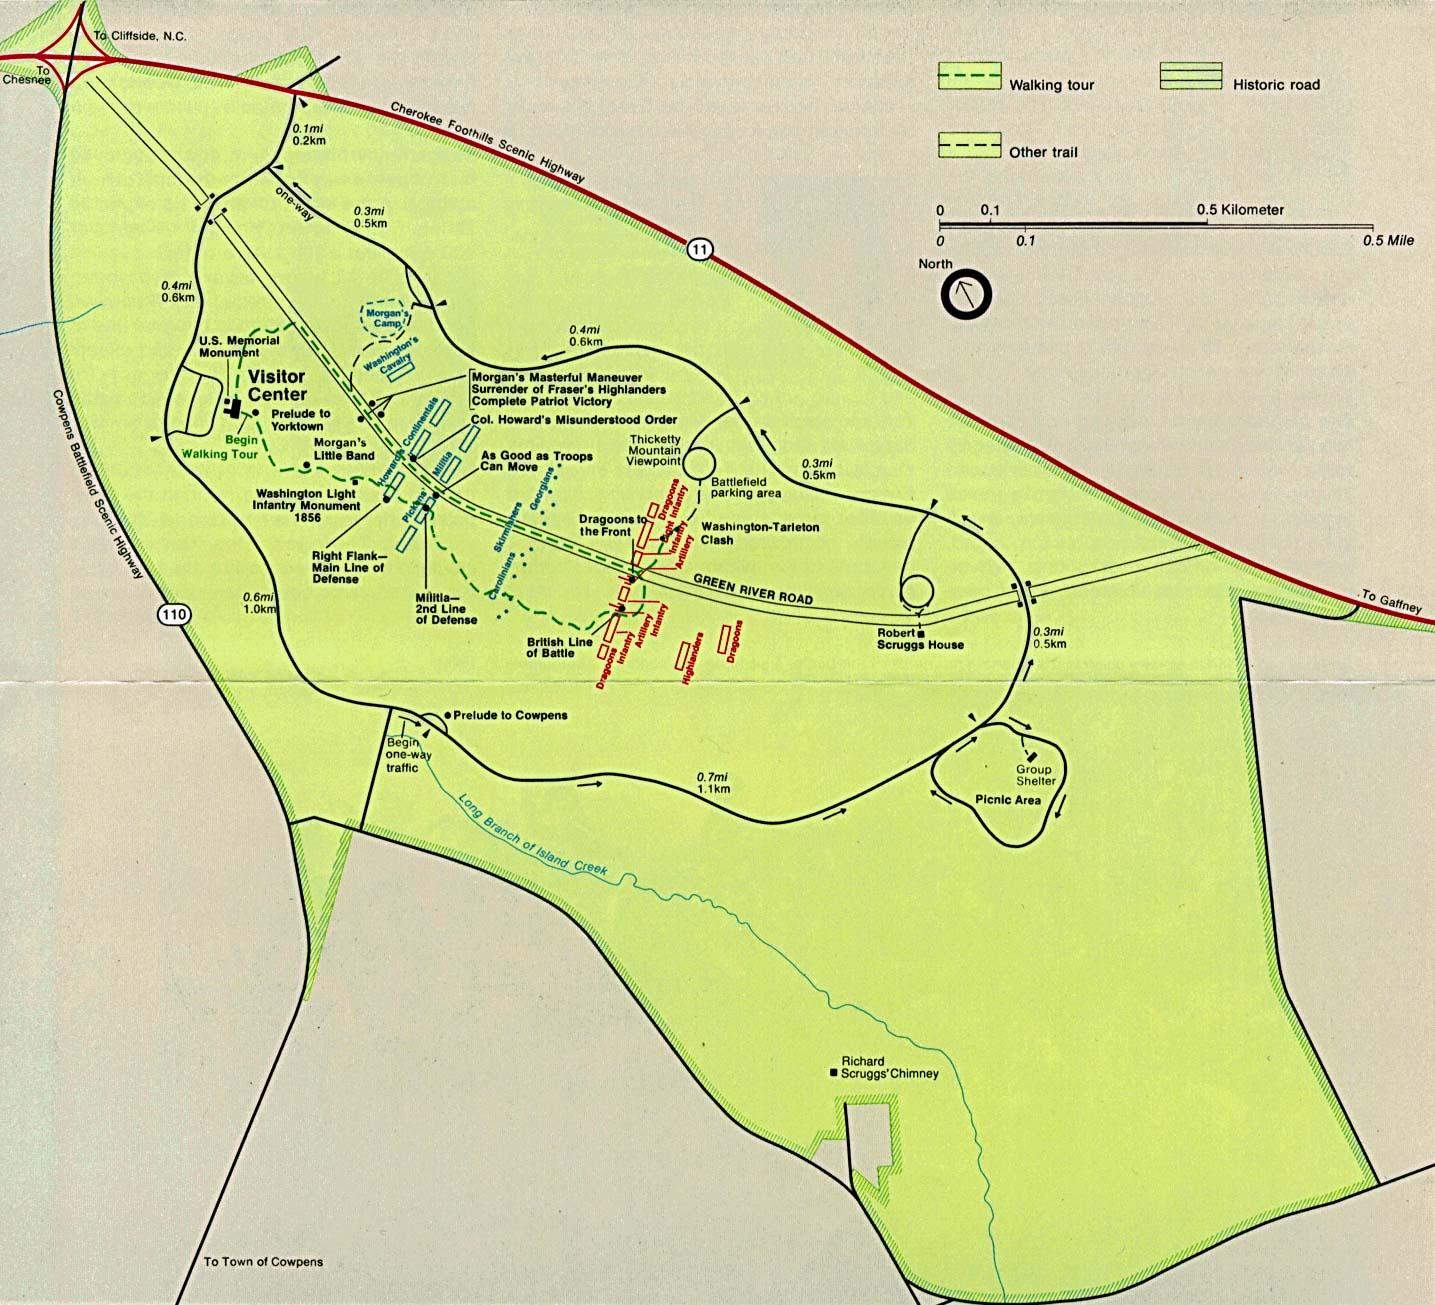 Mapa del Parque Campo de Batalla Nacional Cowpens, Carolina del Sur, Estados Unidos